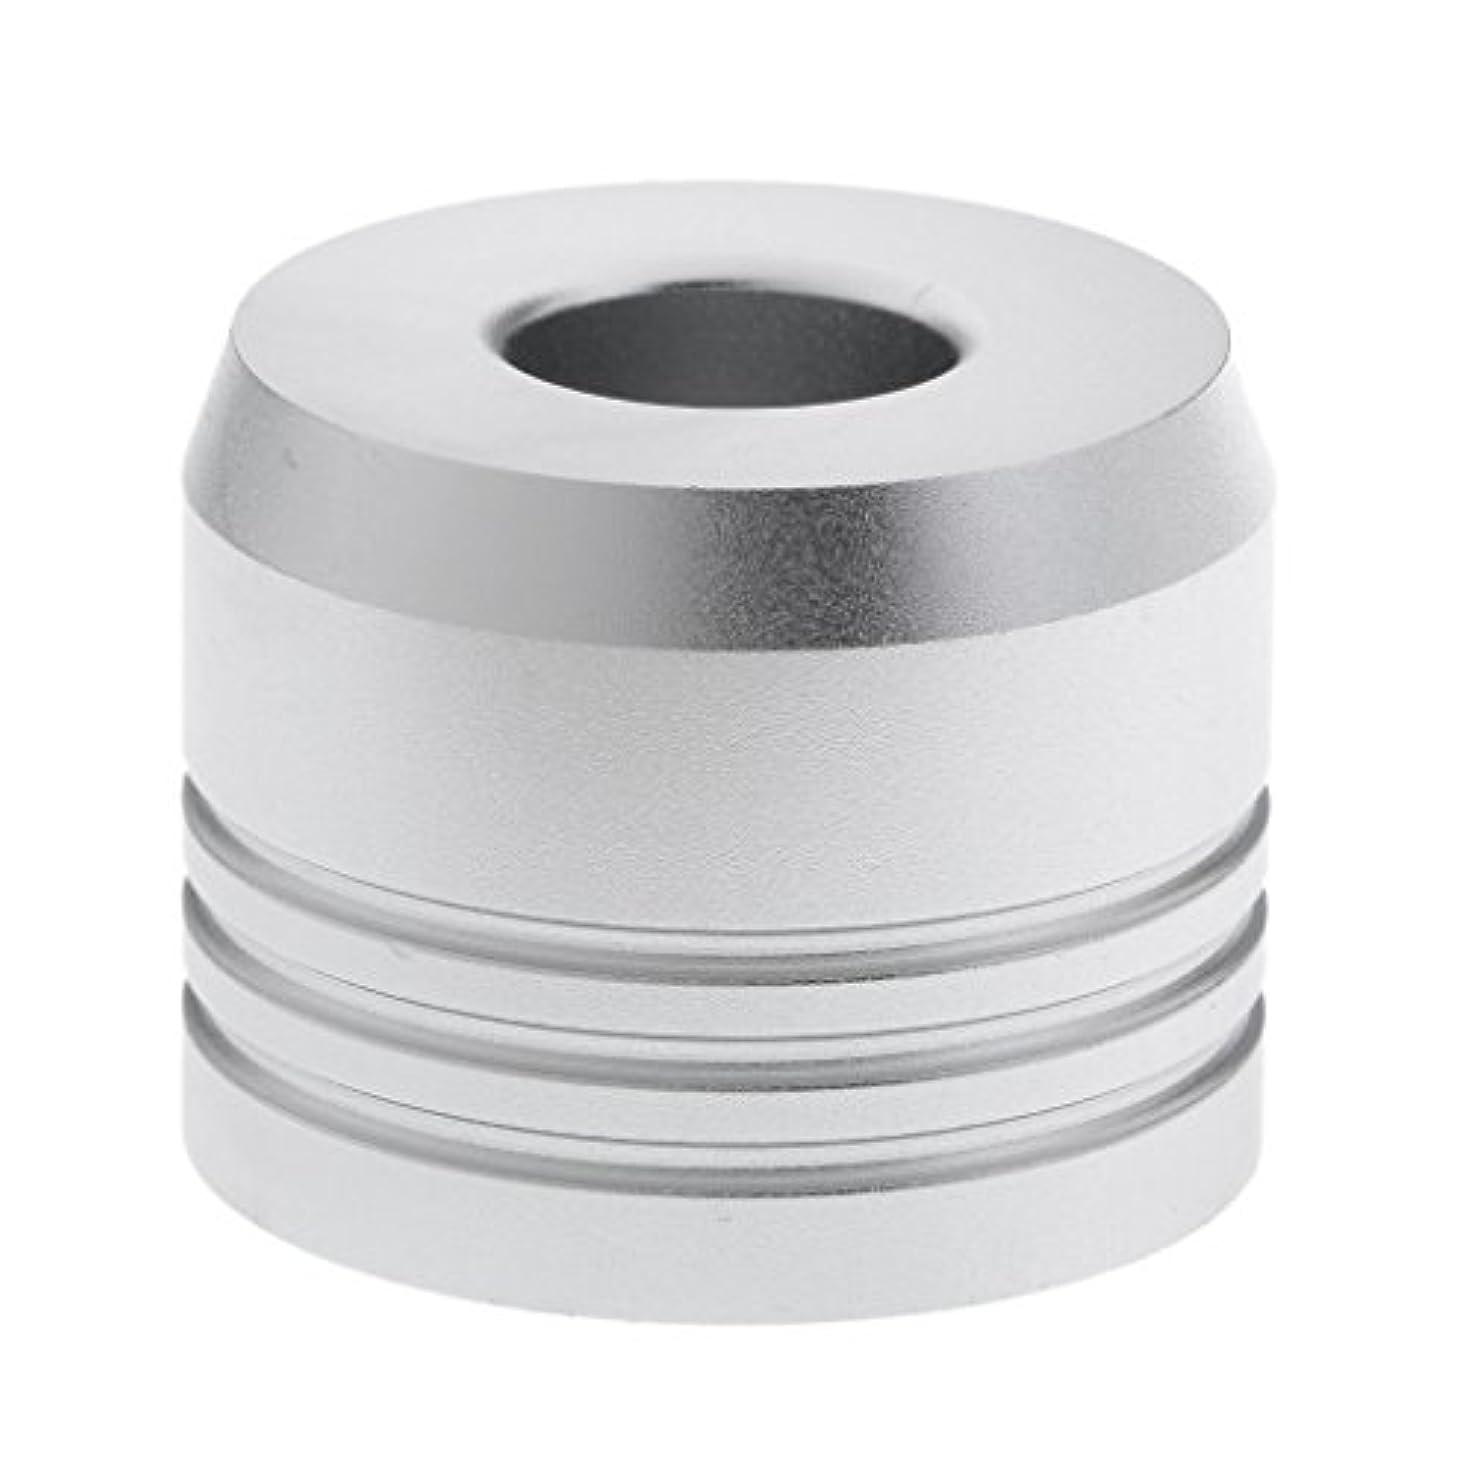 旅行ビルマ同一のBaosity カミソリスタンド スタンド シェービング カミソリホルダー ベース サポート 調節可 乾燥 高品質 2色選べ   - 銀